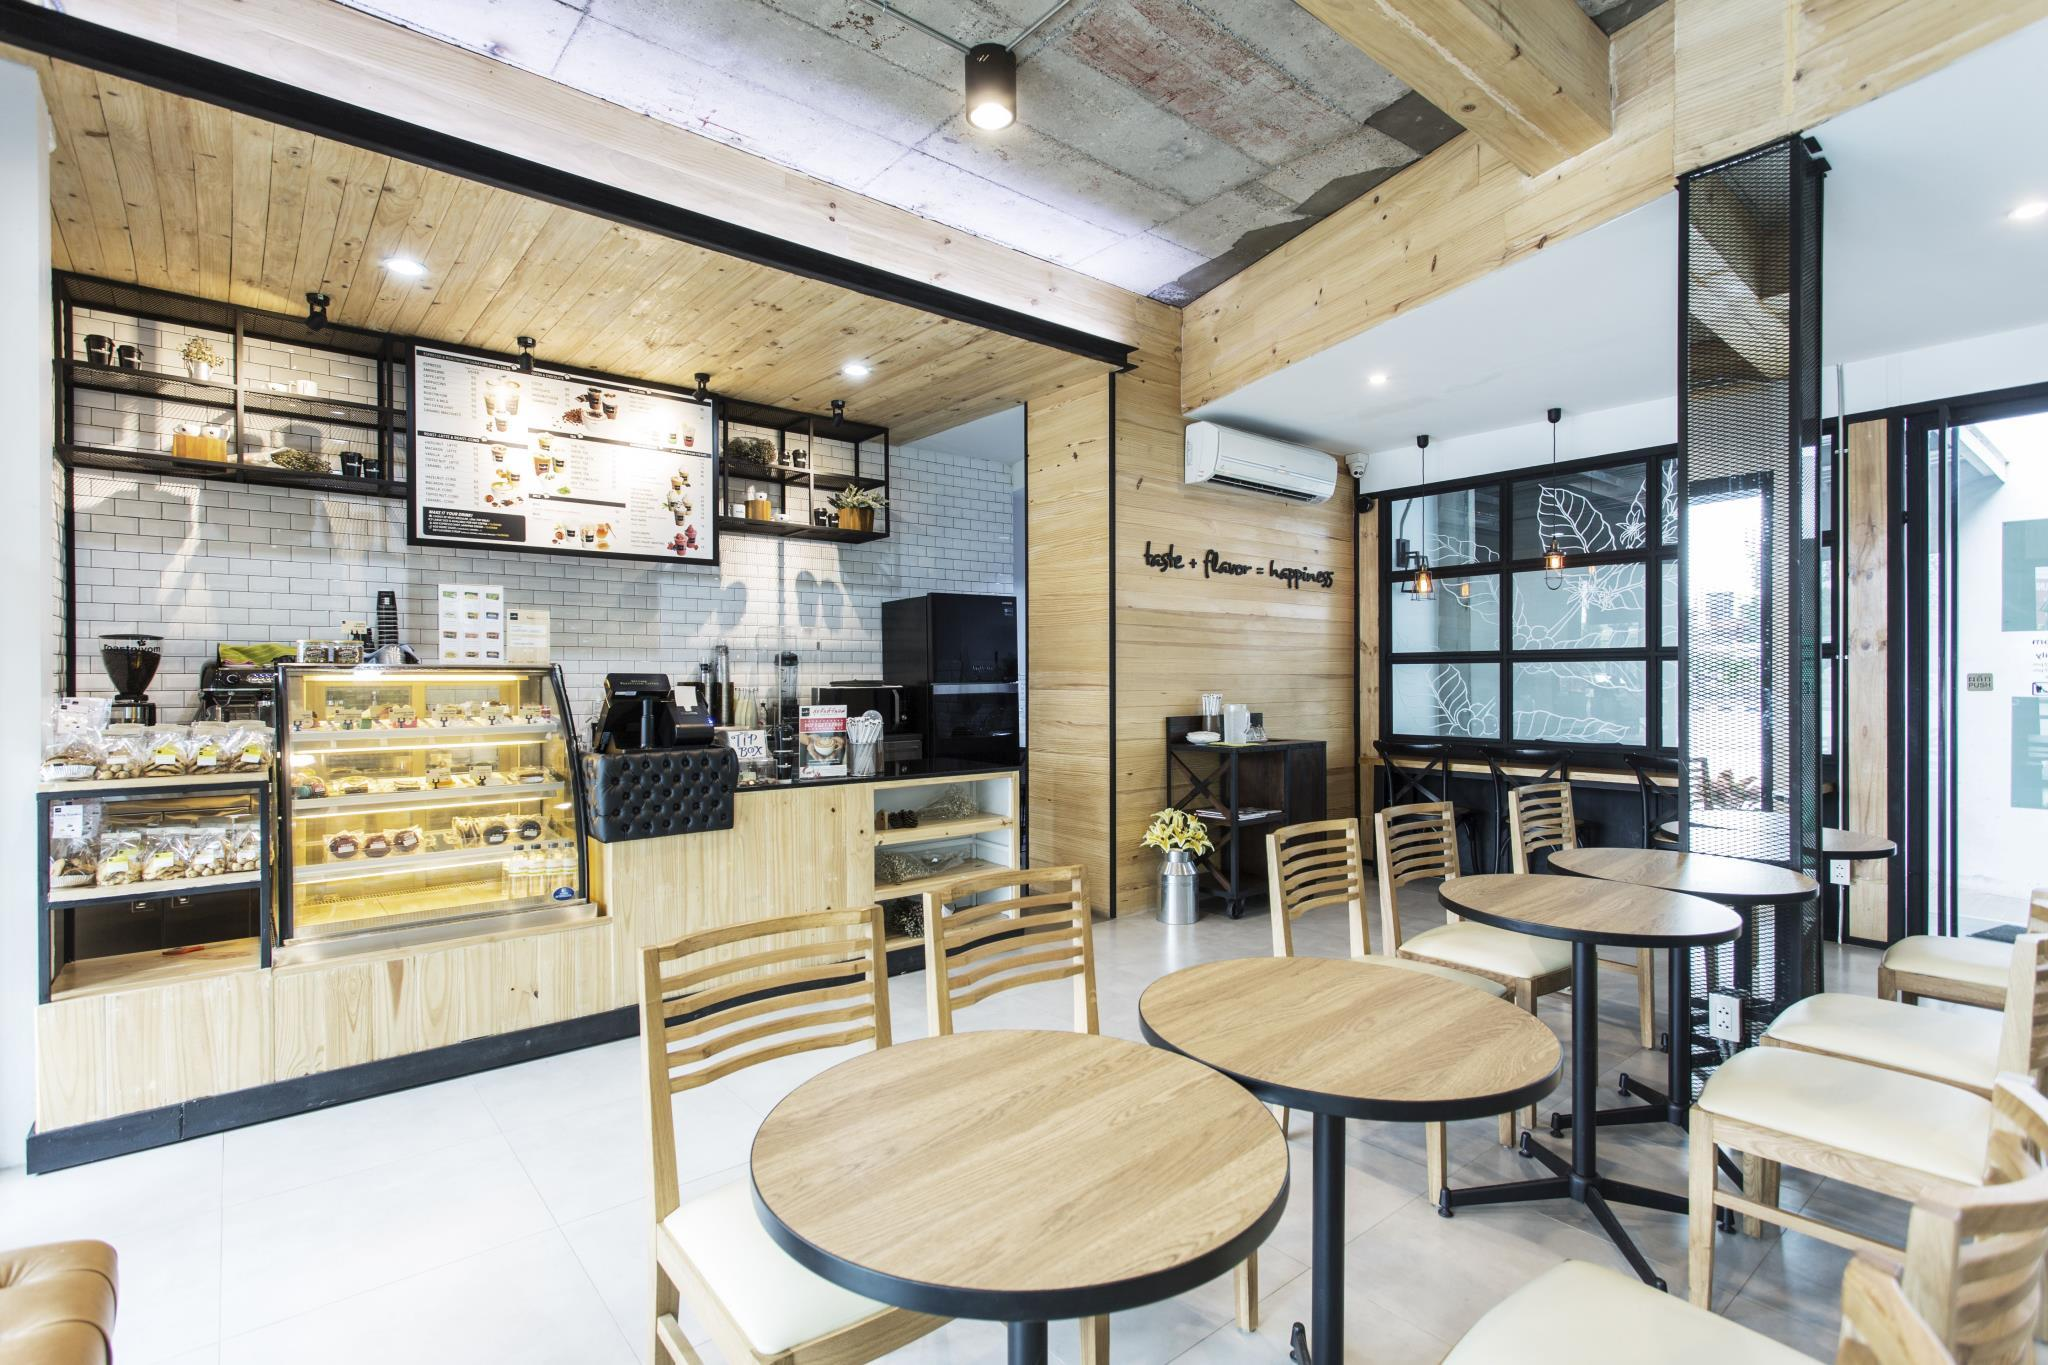 호텔이미지_커피숍/카페